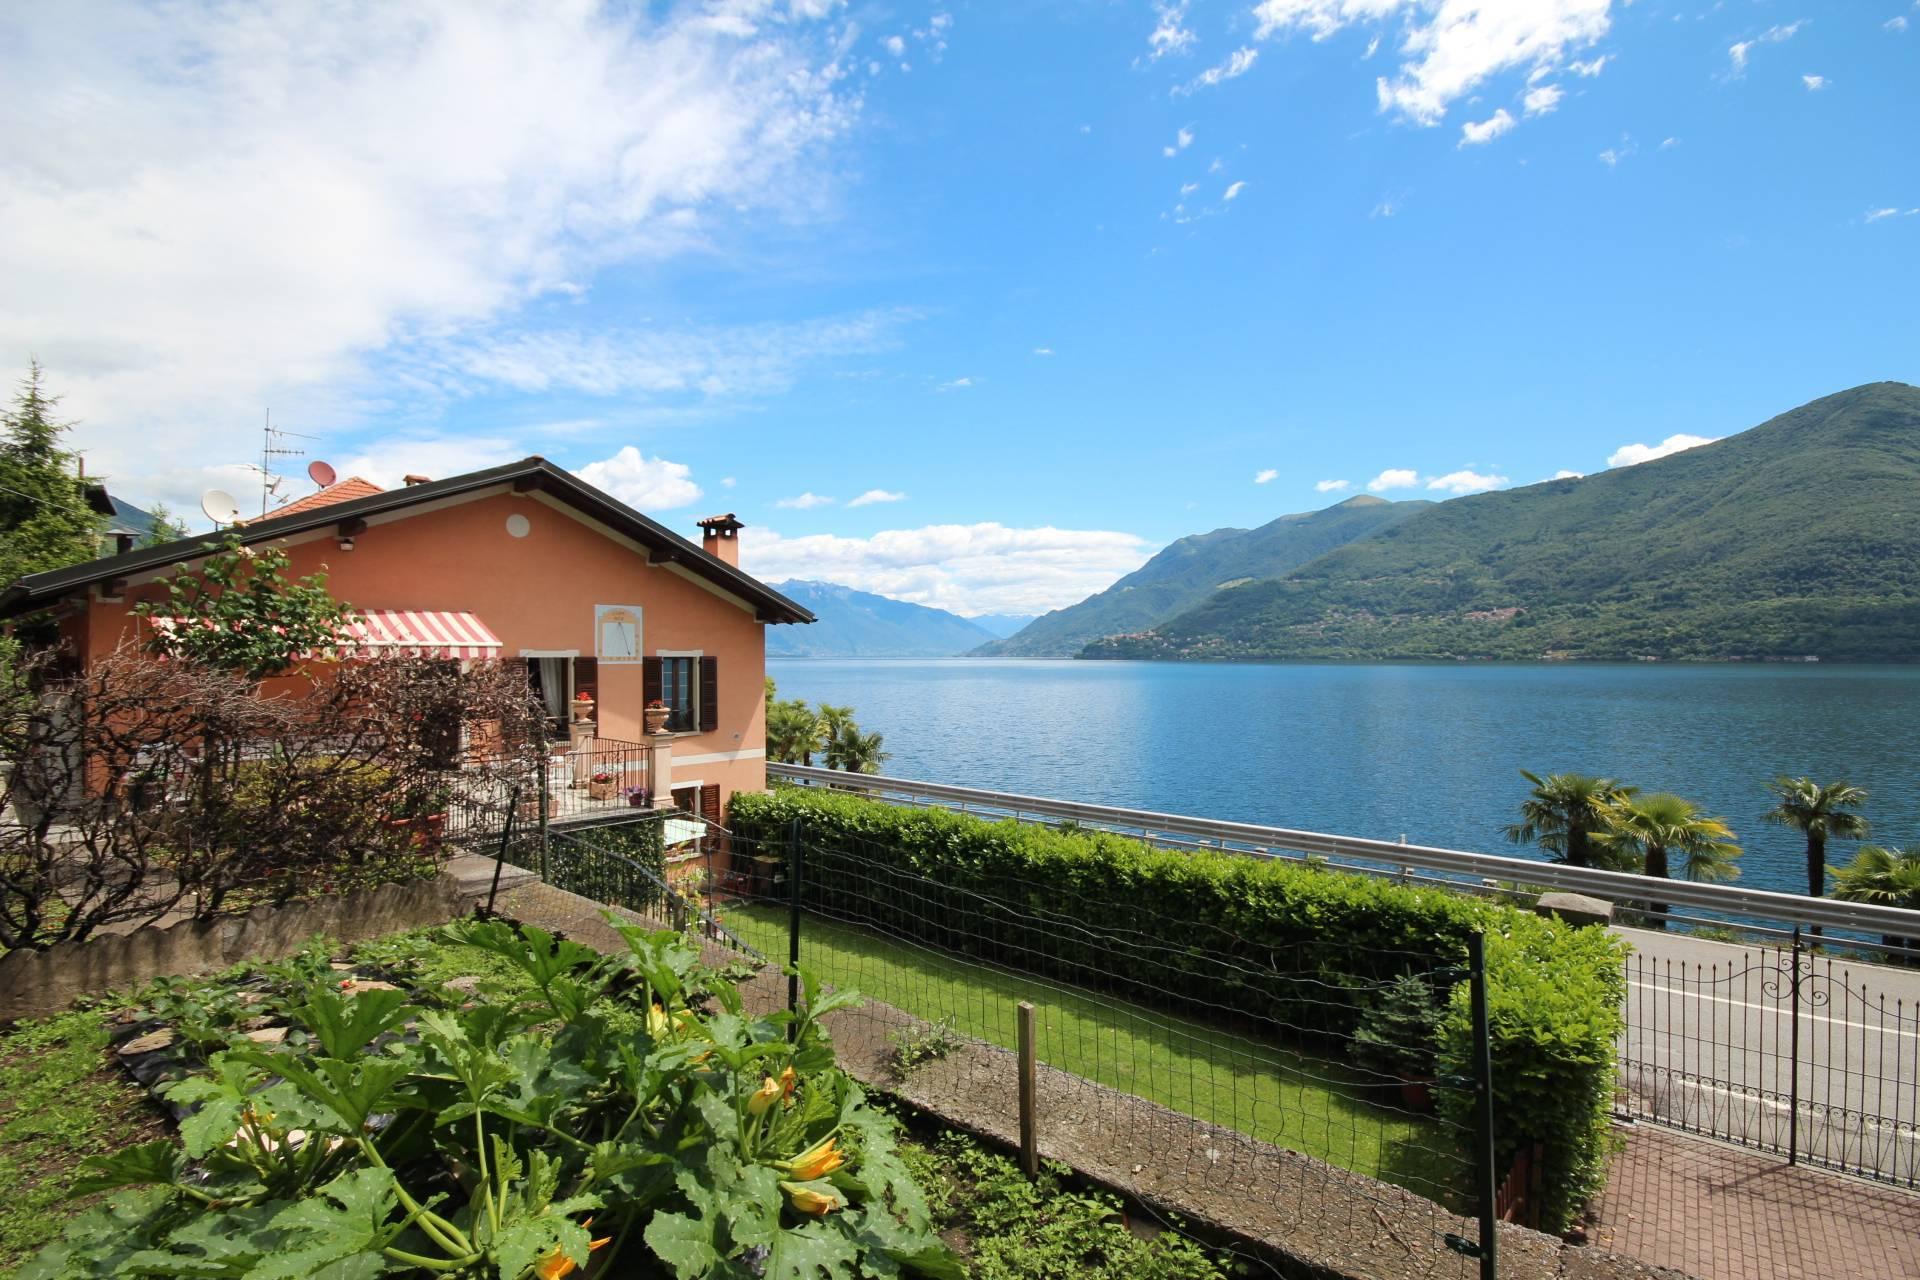 Appartamento in vendita a Cannobio, 3 locali, zona Località: S.Bartolomeo, prezzo € 300.000 | PortaleAgenzieImmobiliari.it